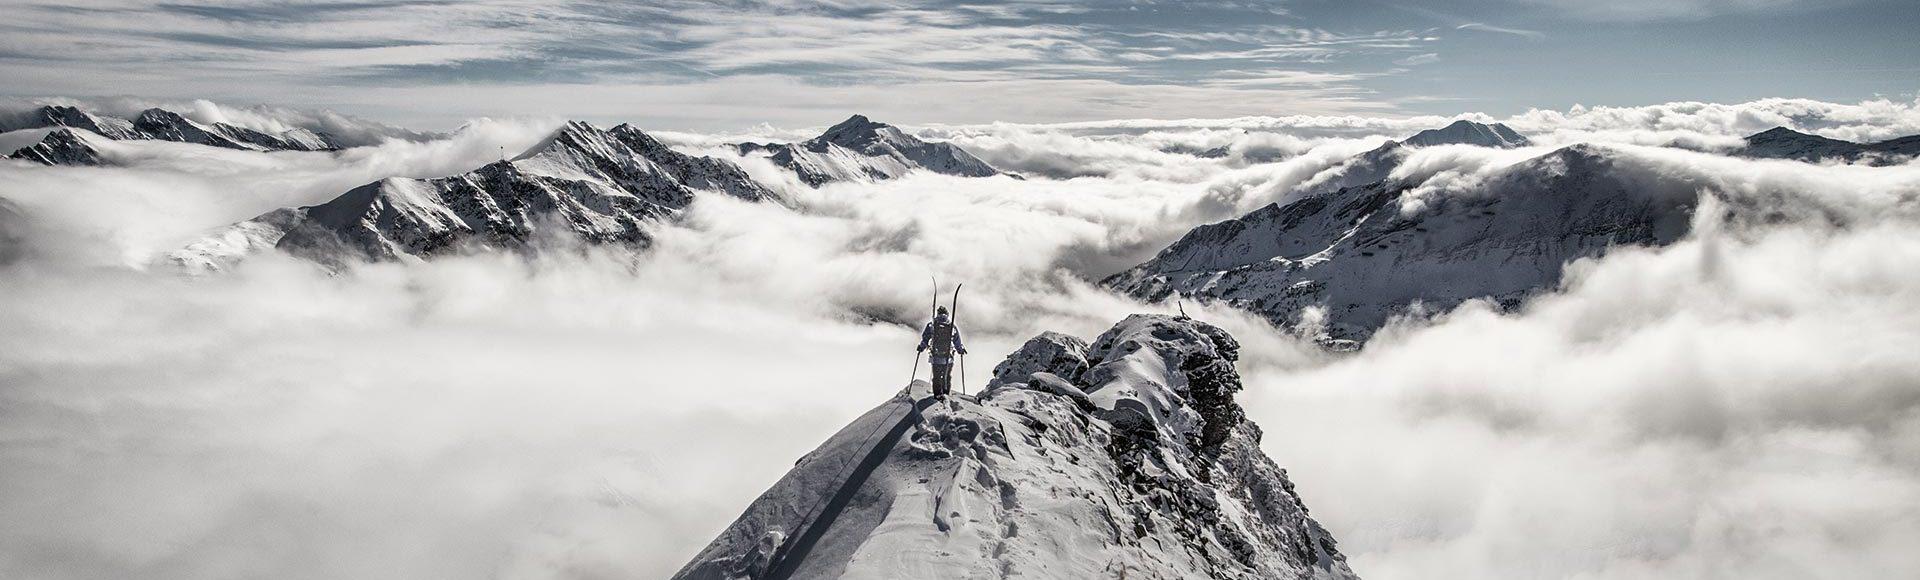 Winterurlaub Skiurlaub Obertauern 1